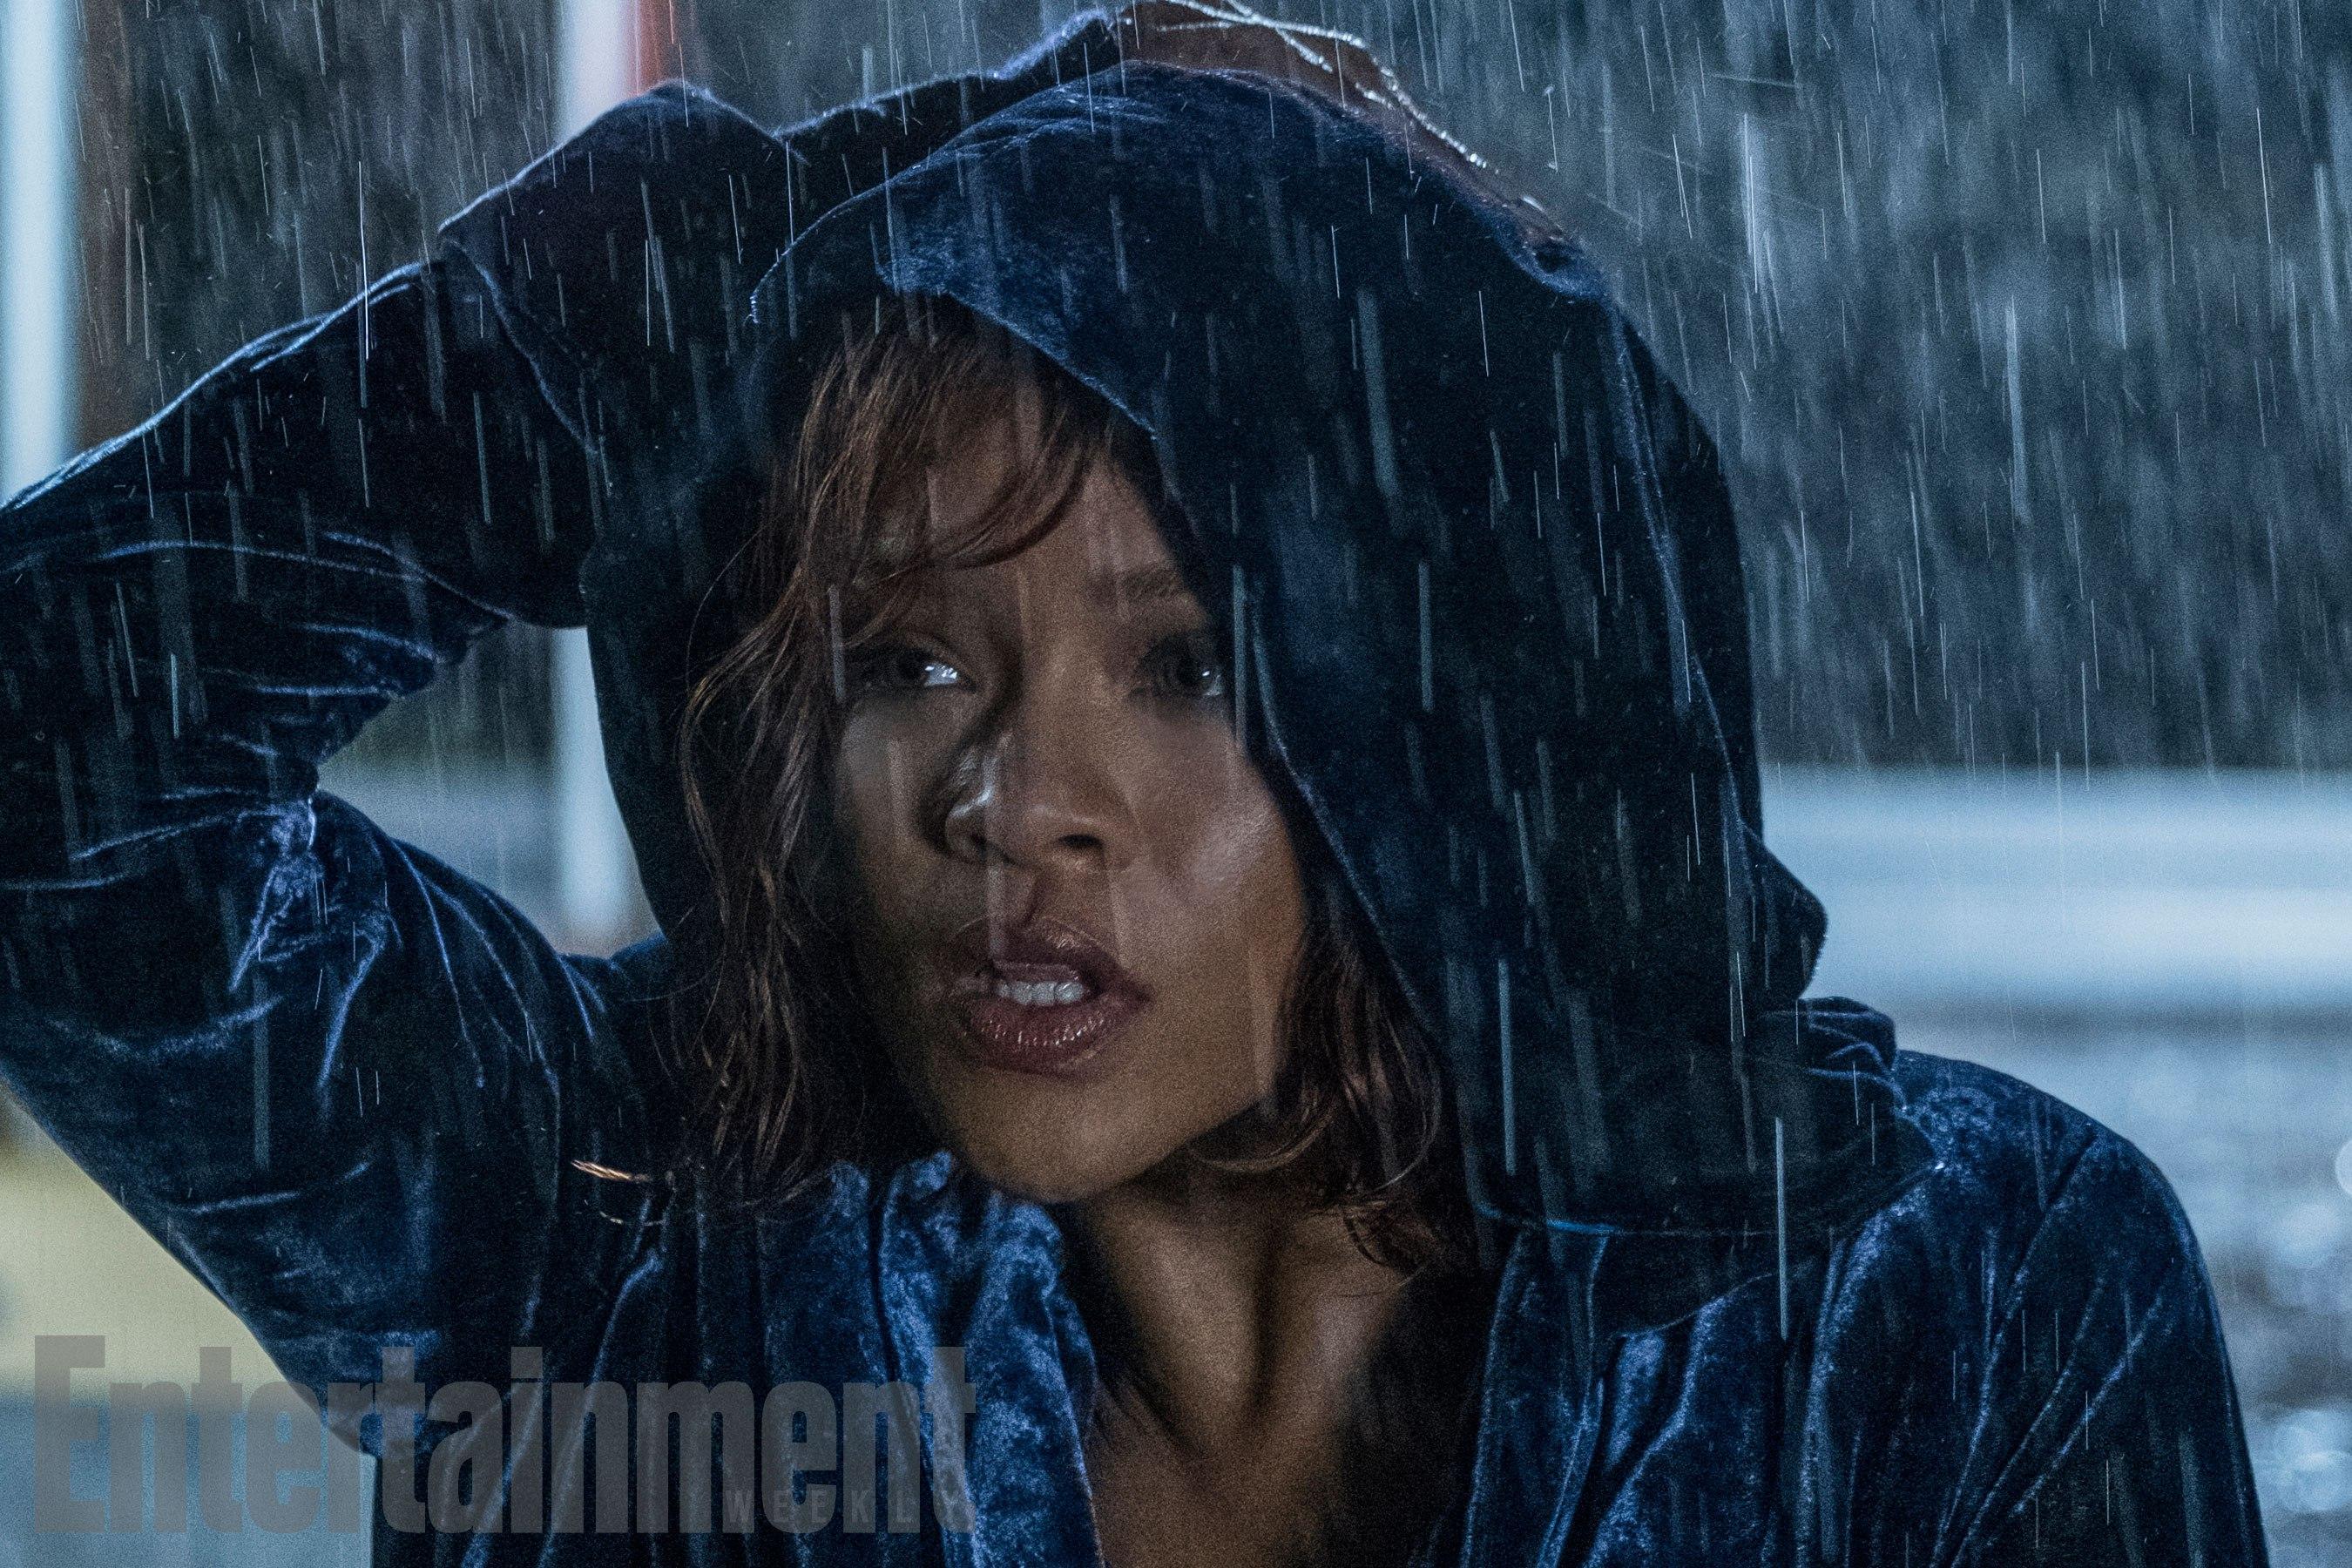 İzleyin: Bates Motel'den Rihanna Çıktı!